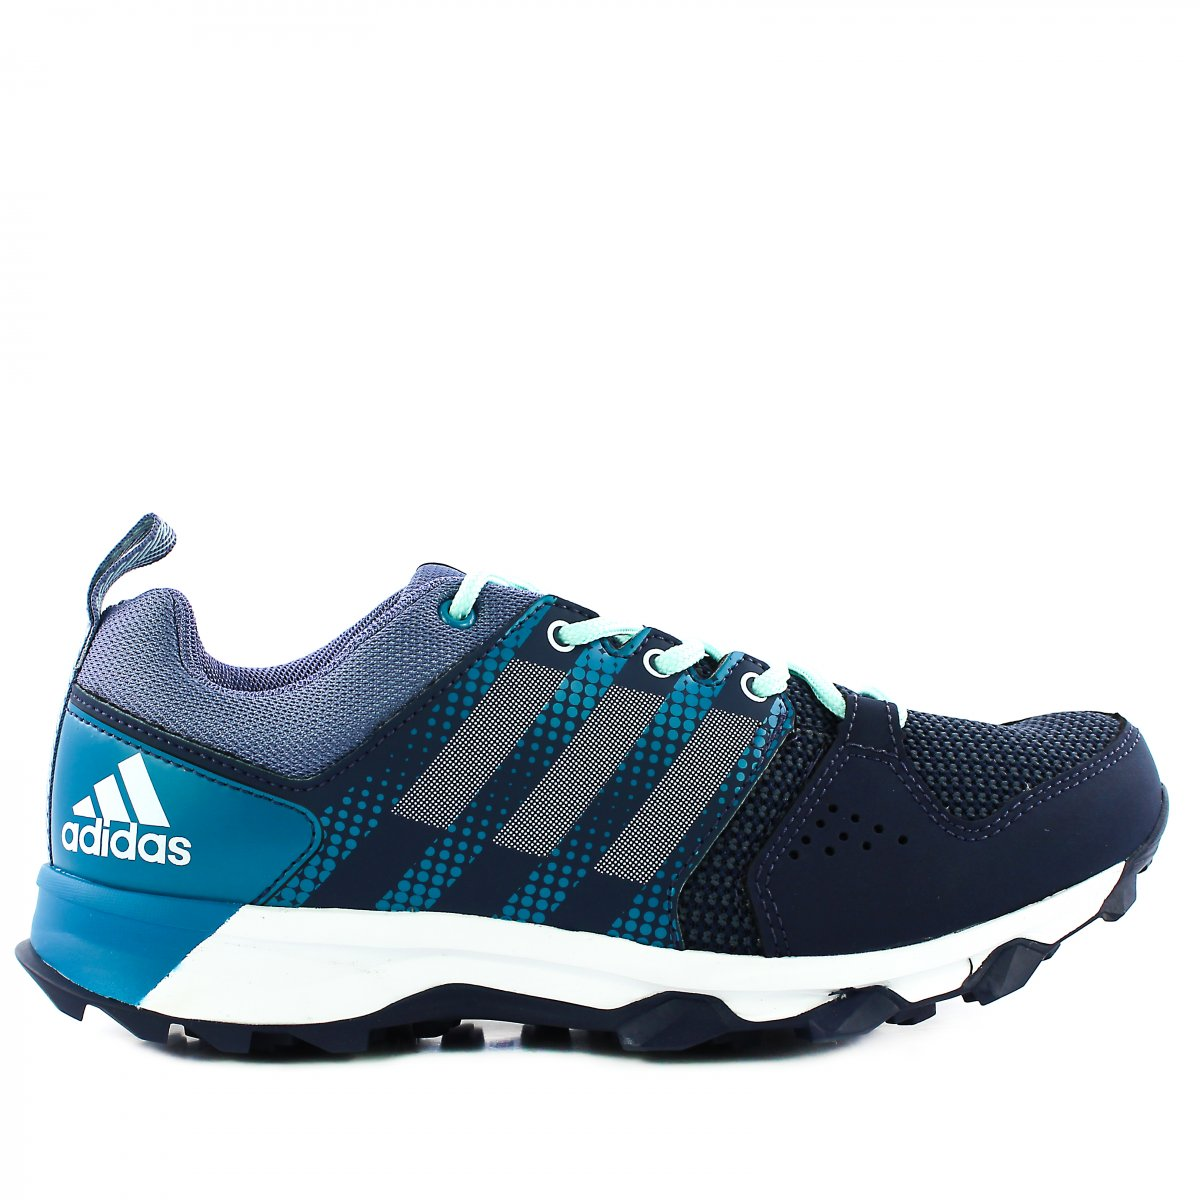 online retailer 4f8b7 a980a Tenis Adidas Galaxy Trail w